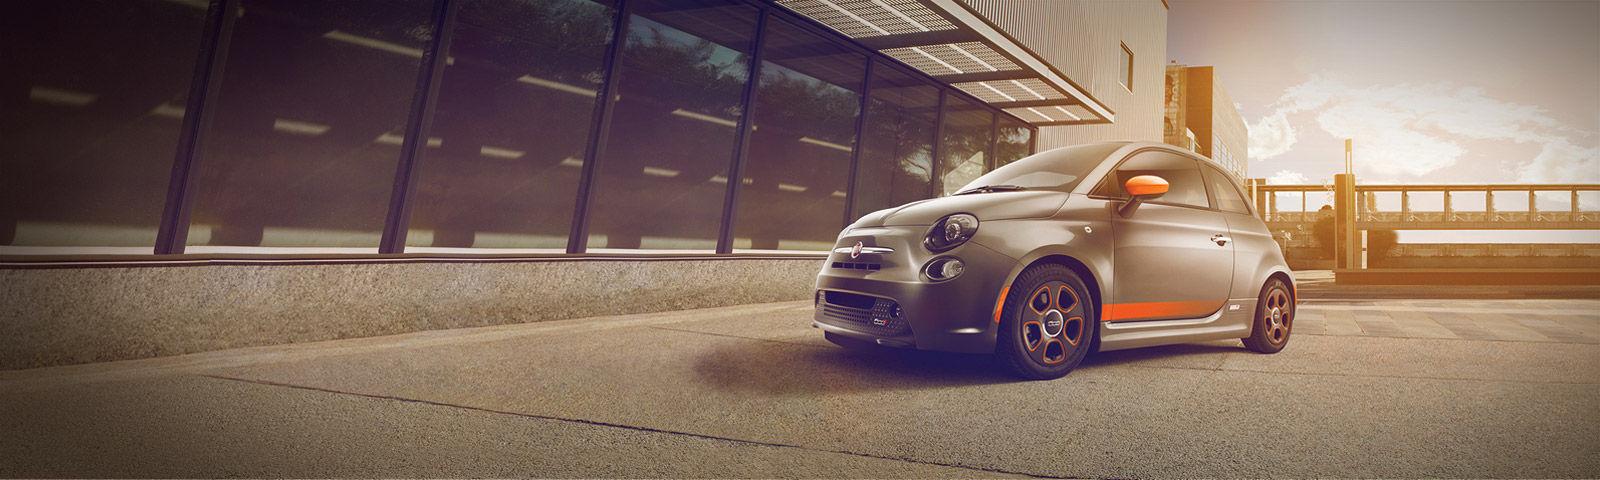 New Fiat 500e Exterior main image